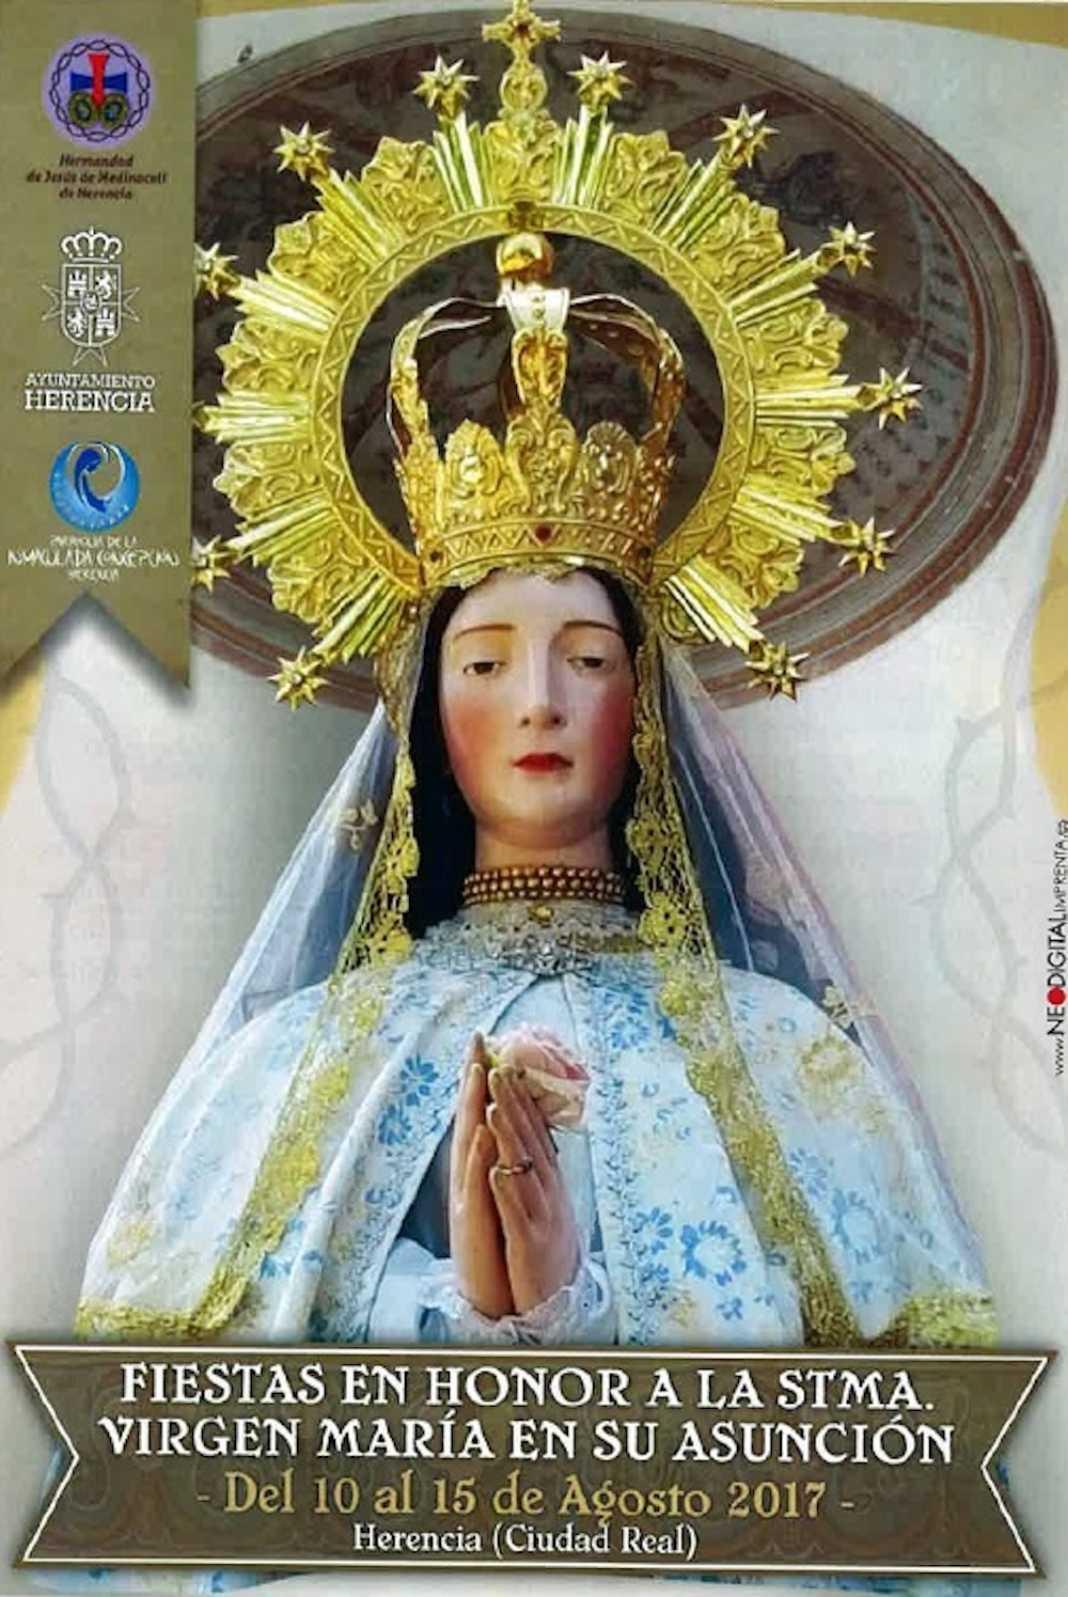 El Barrio de la Labradora se engalana para celebrar sus fiestas en honor a la Virgen de la Asunción 7